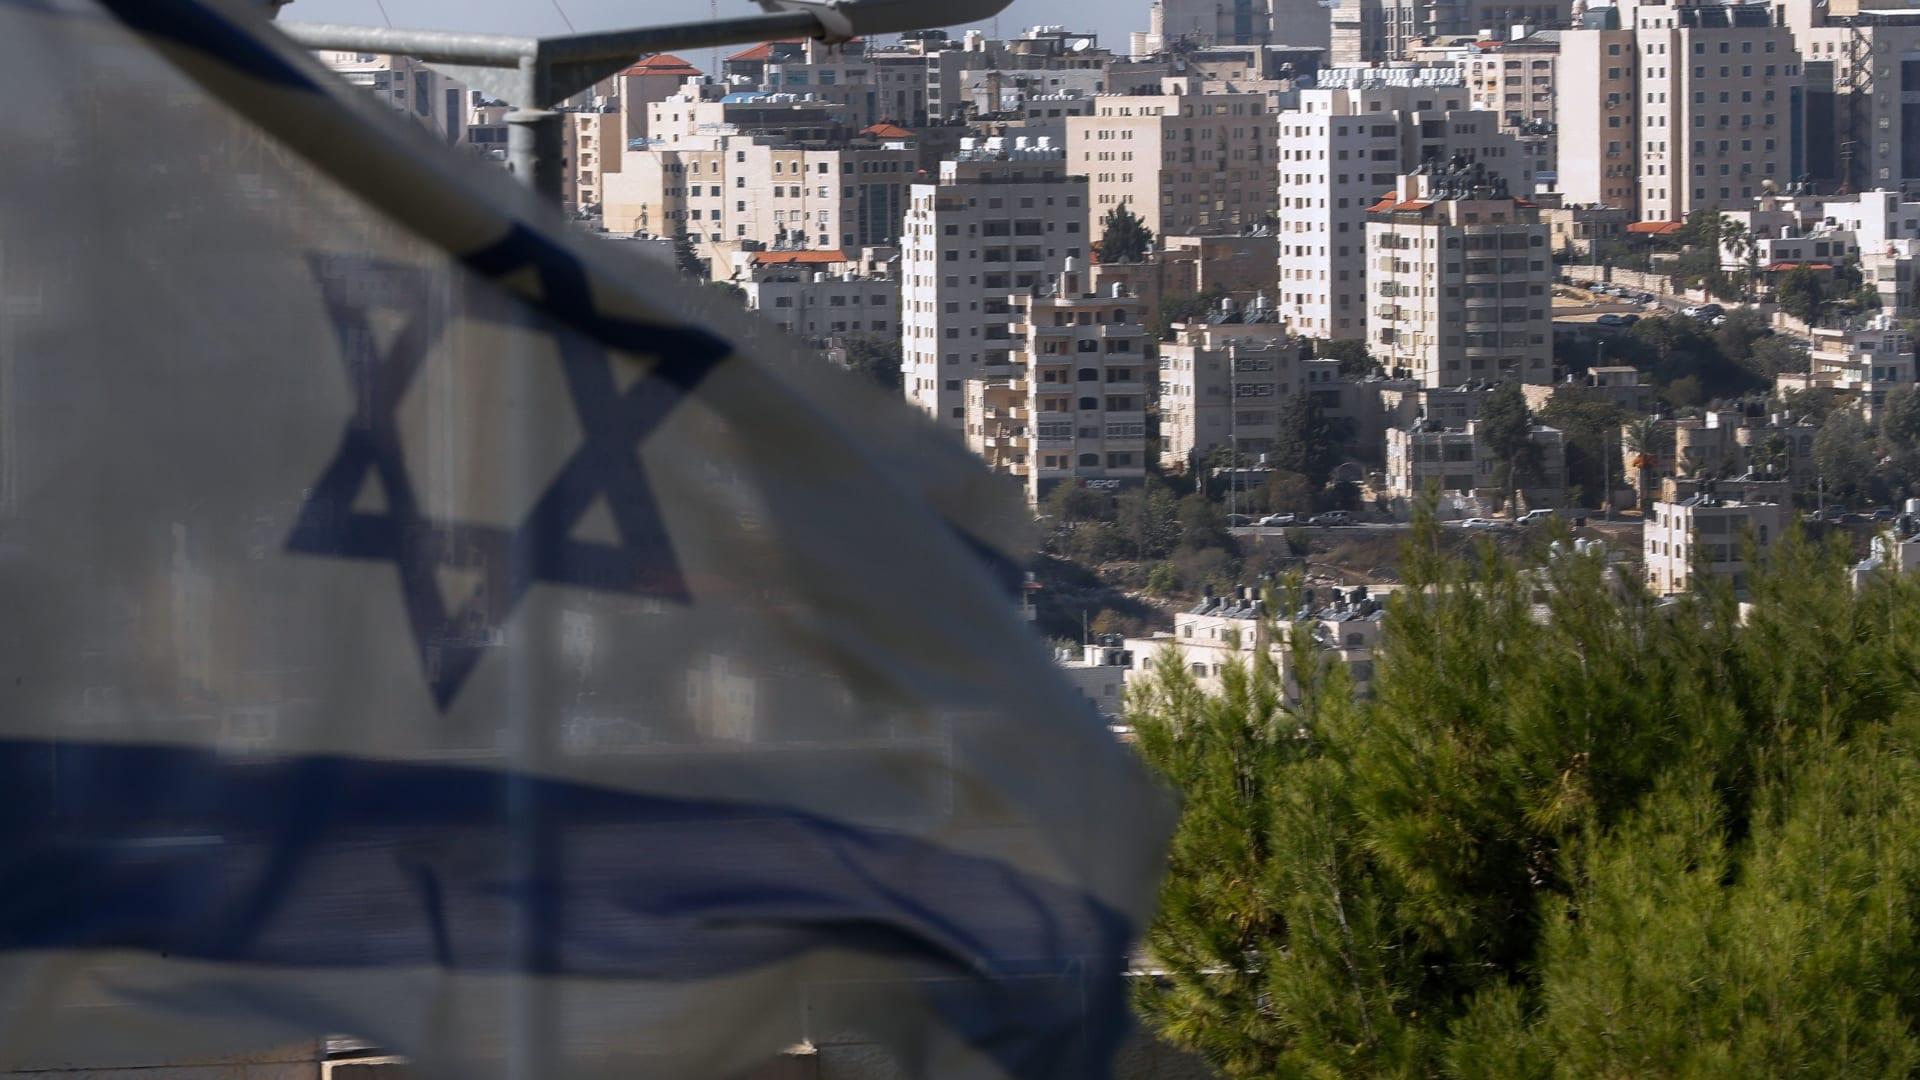 المتحدث باسم الحكومة البريطانية لـCNN: المستوطنات الإسرائيلية تمنع حل الدولتين والدولة الواحدة فكرة وهمية